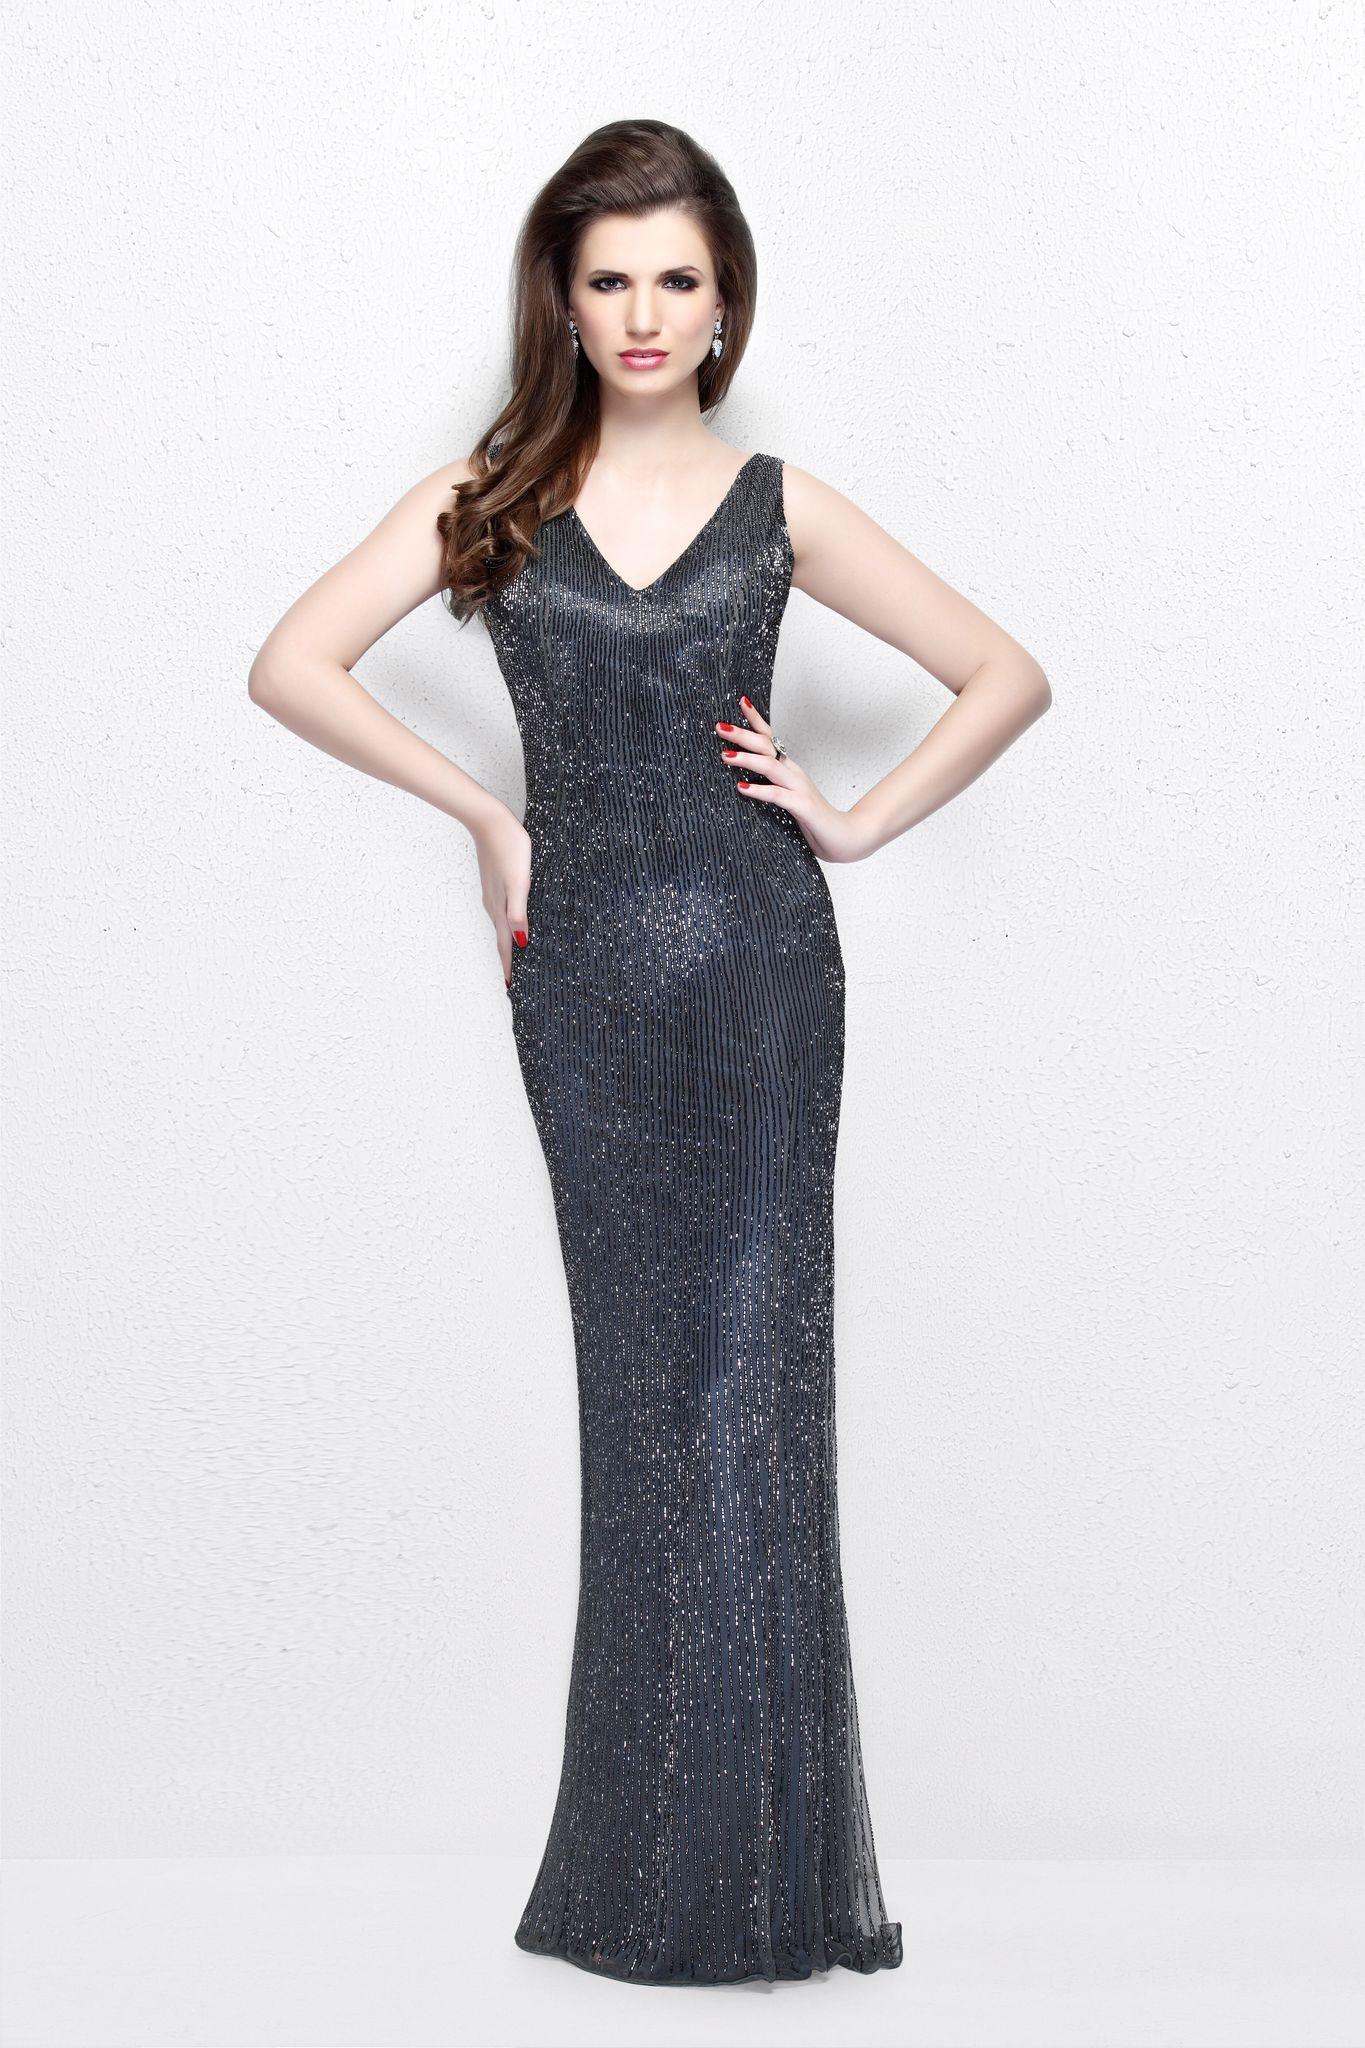 Mia 19508 платье в пол в цвете темное серебро  расшитое стразами по всей длине большой размер